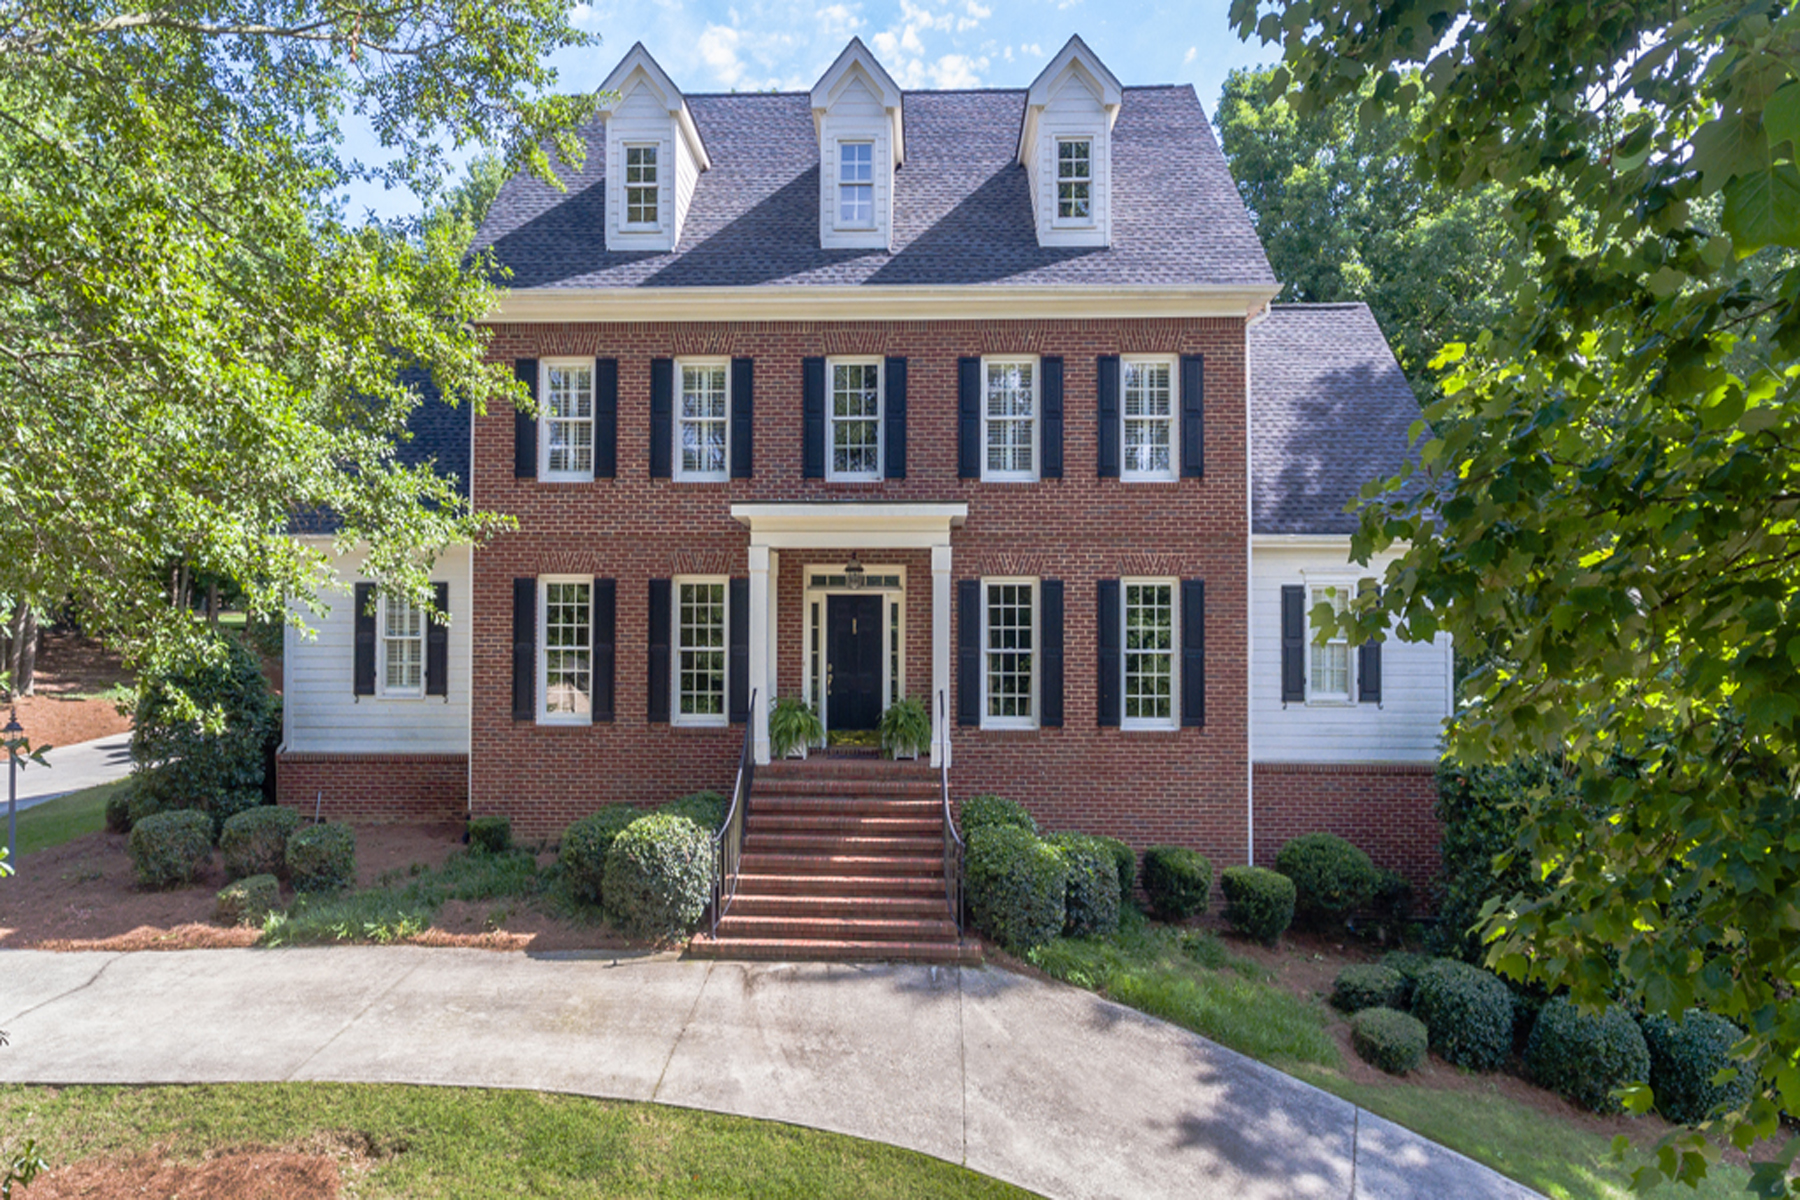 Maison unifamiliale pour l Vente à Large Brick Traditional On Woodlands Golf Course At Chateau Elan 2085 Tee Drive Braselton, Georgia, 30517 États-Unis